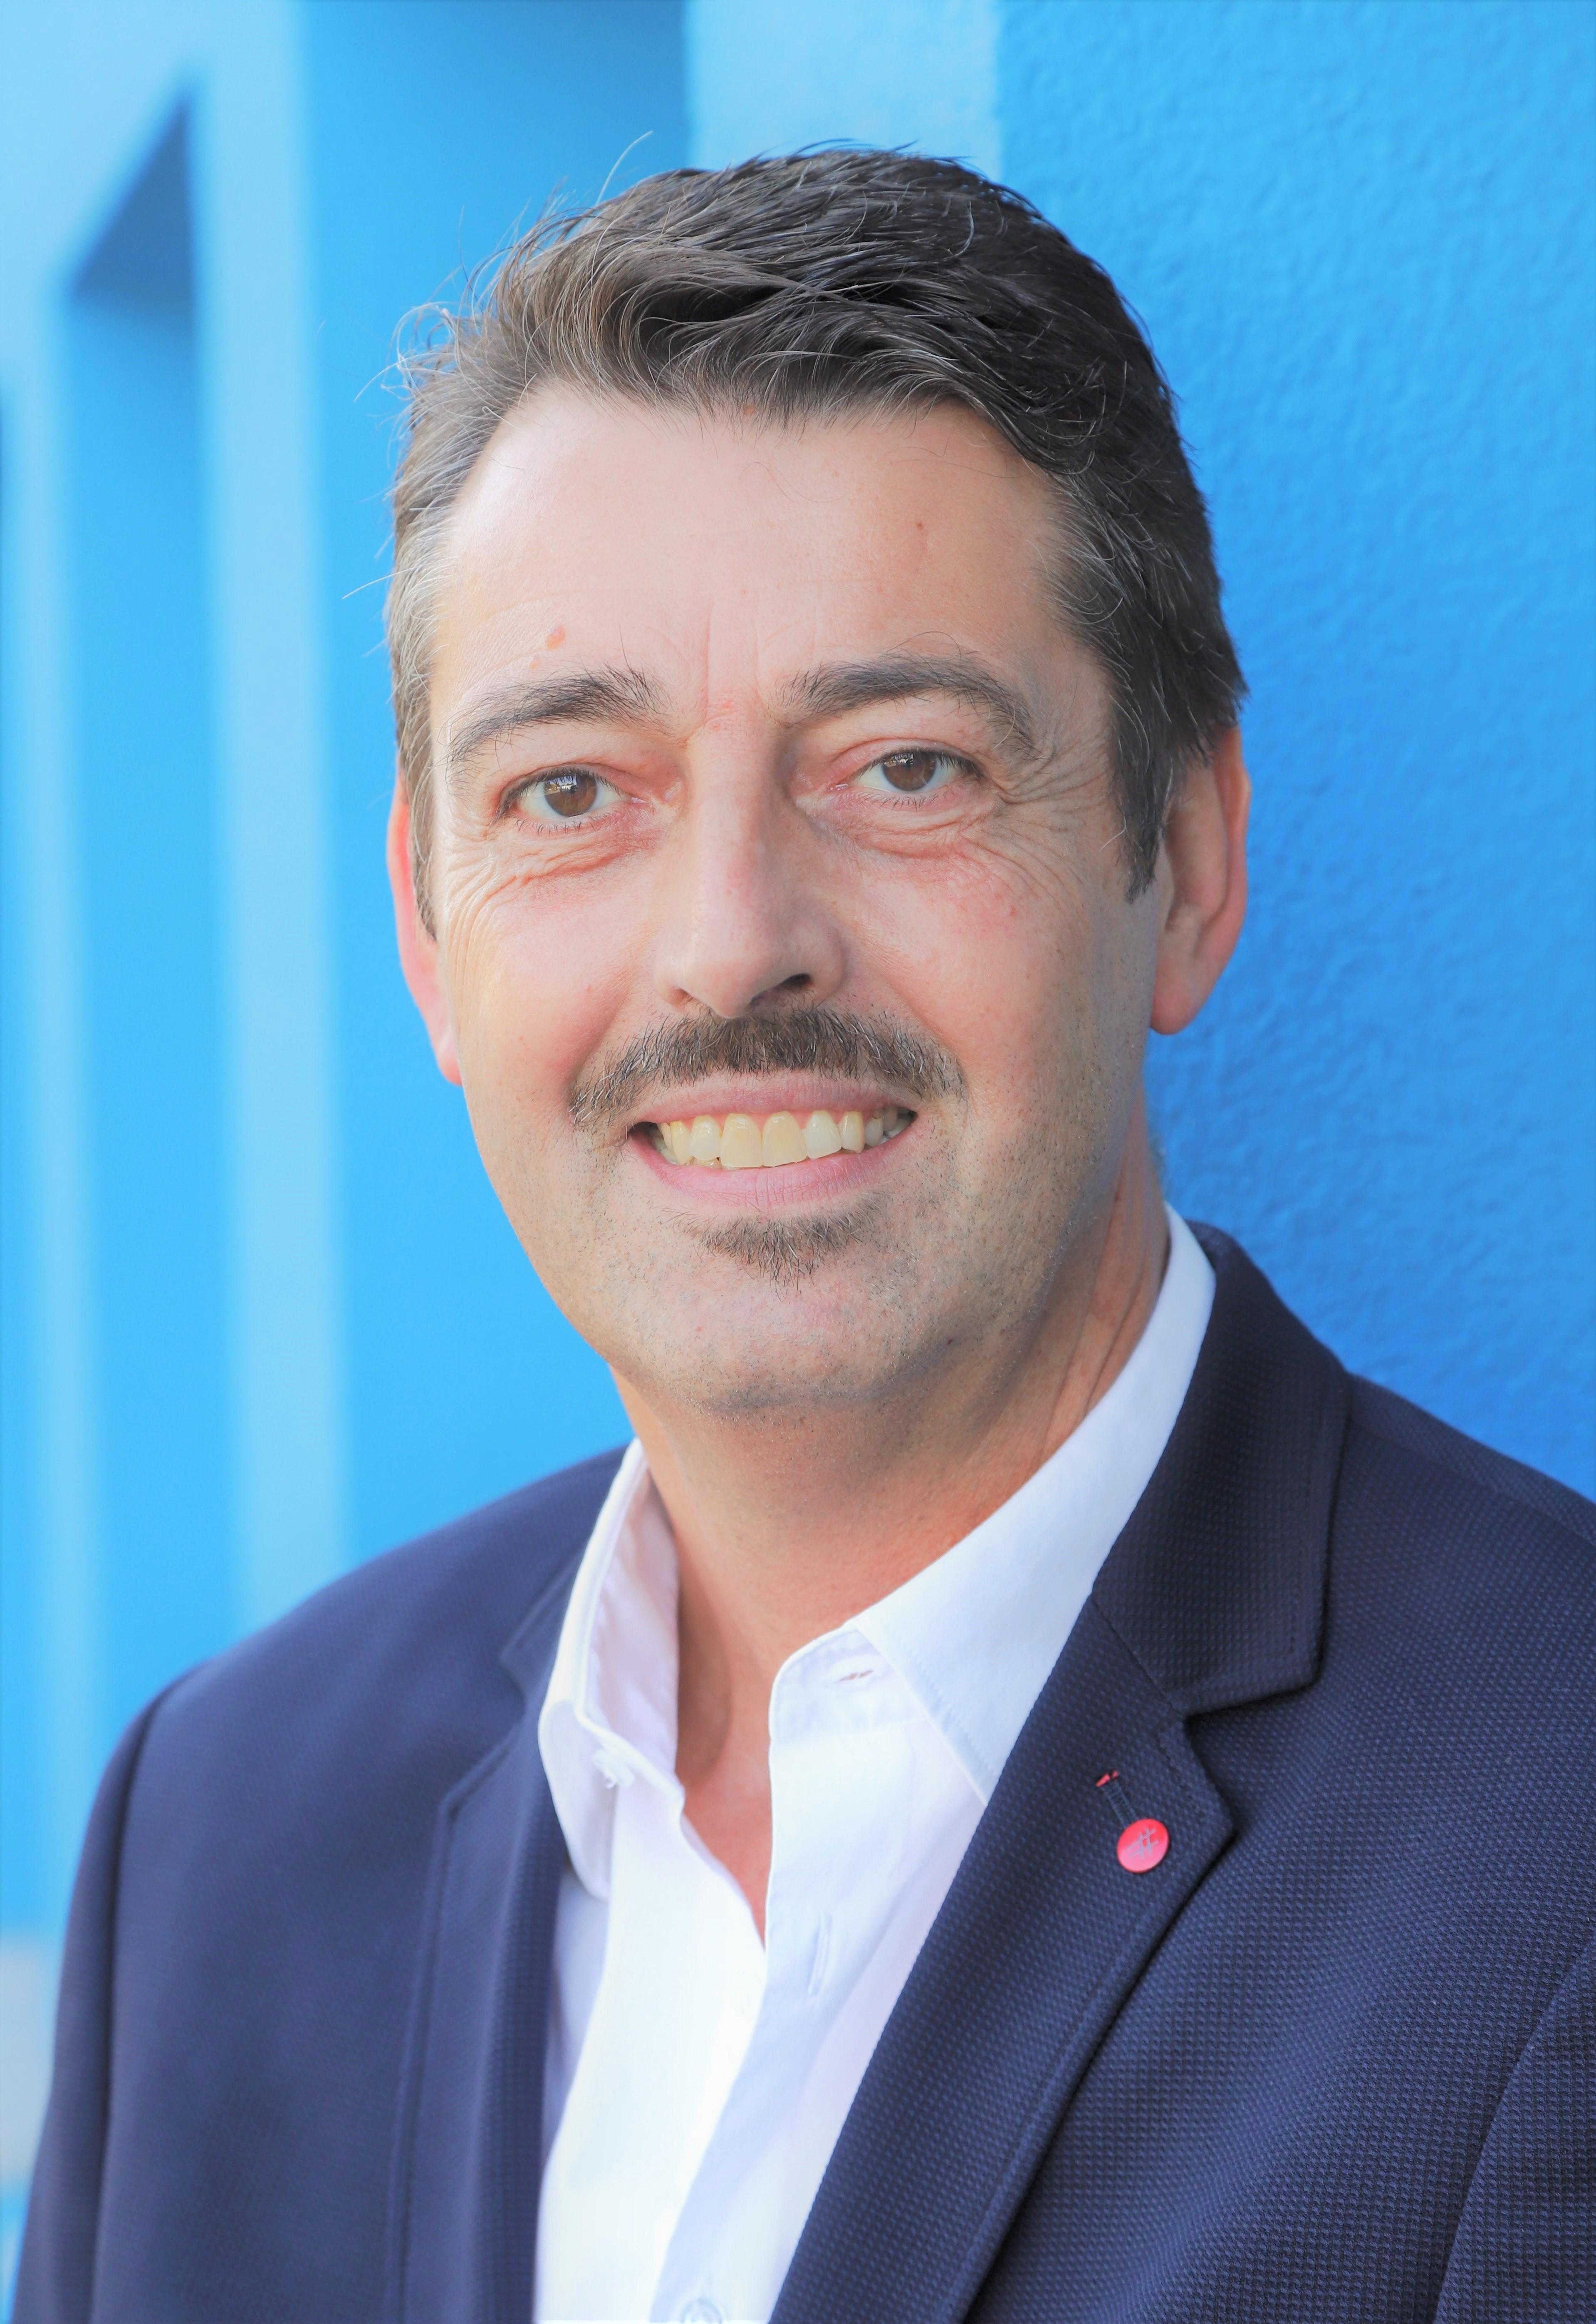 Jörg Spelleken